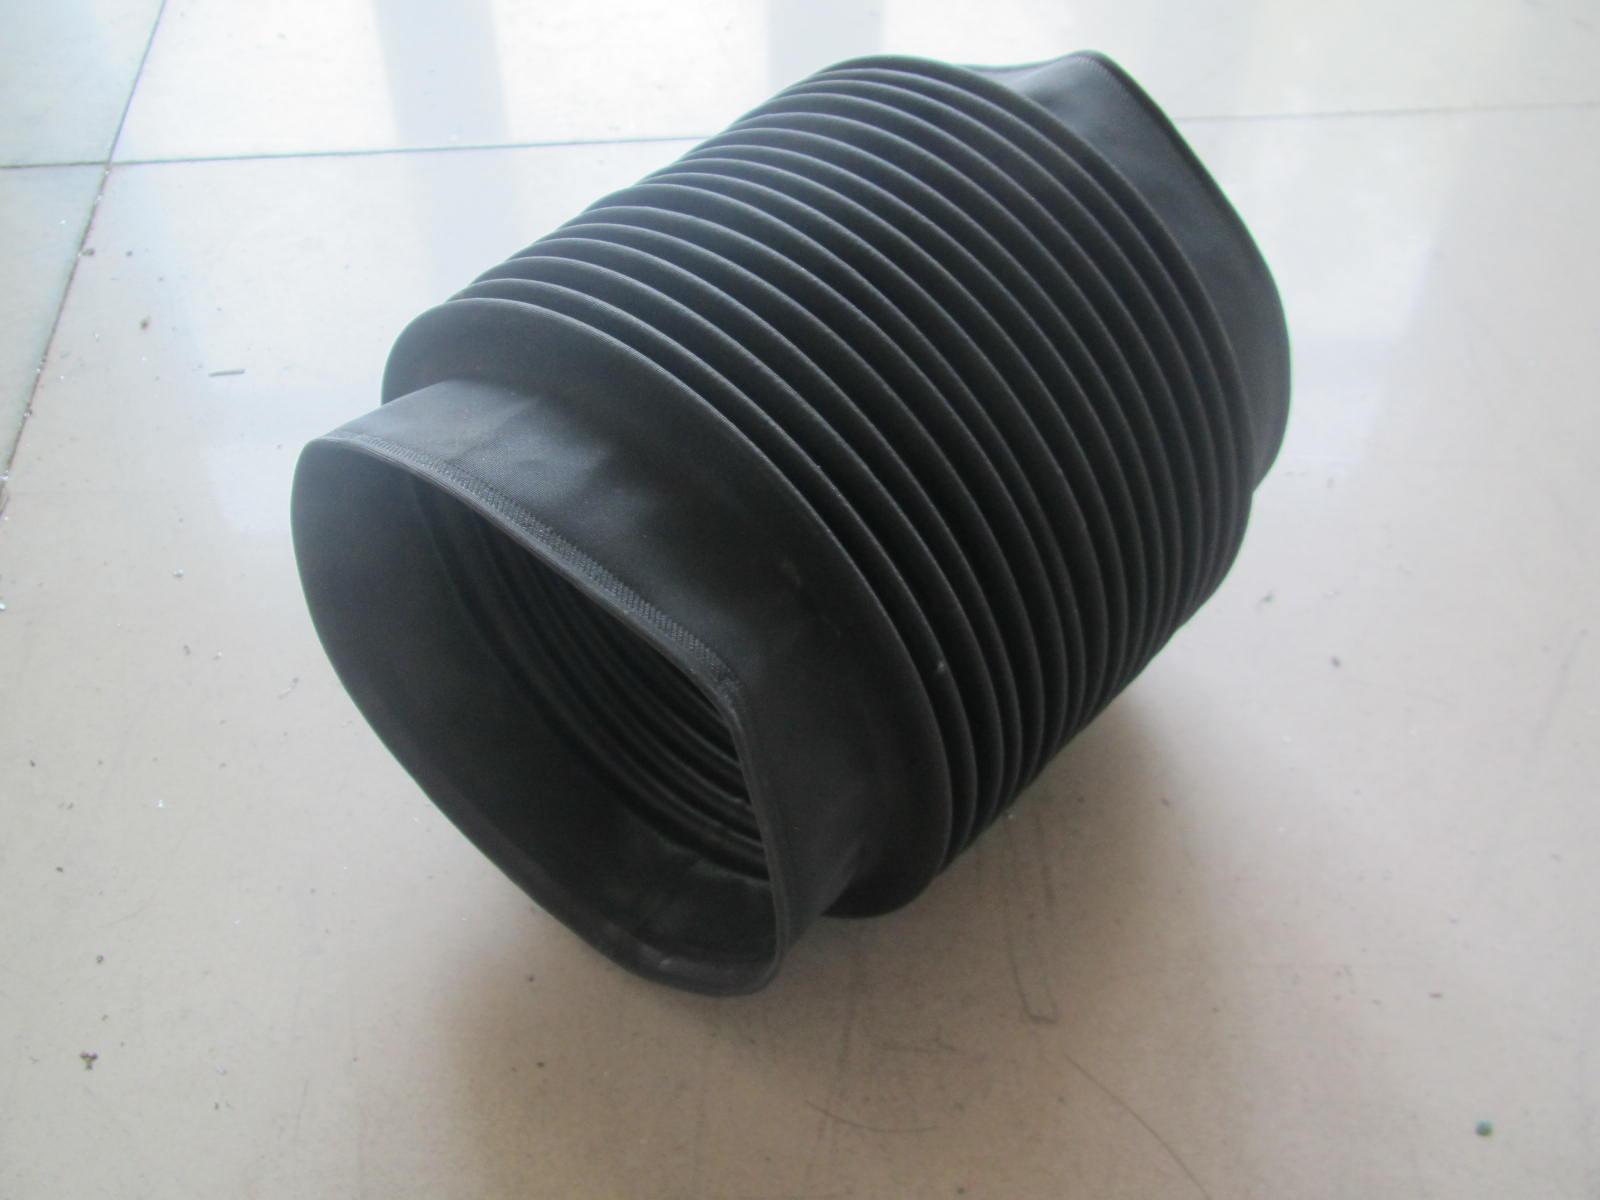 木工机械圆形保护套产品图